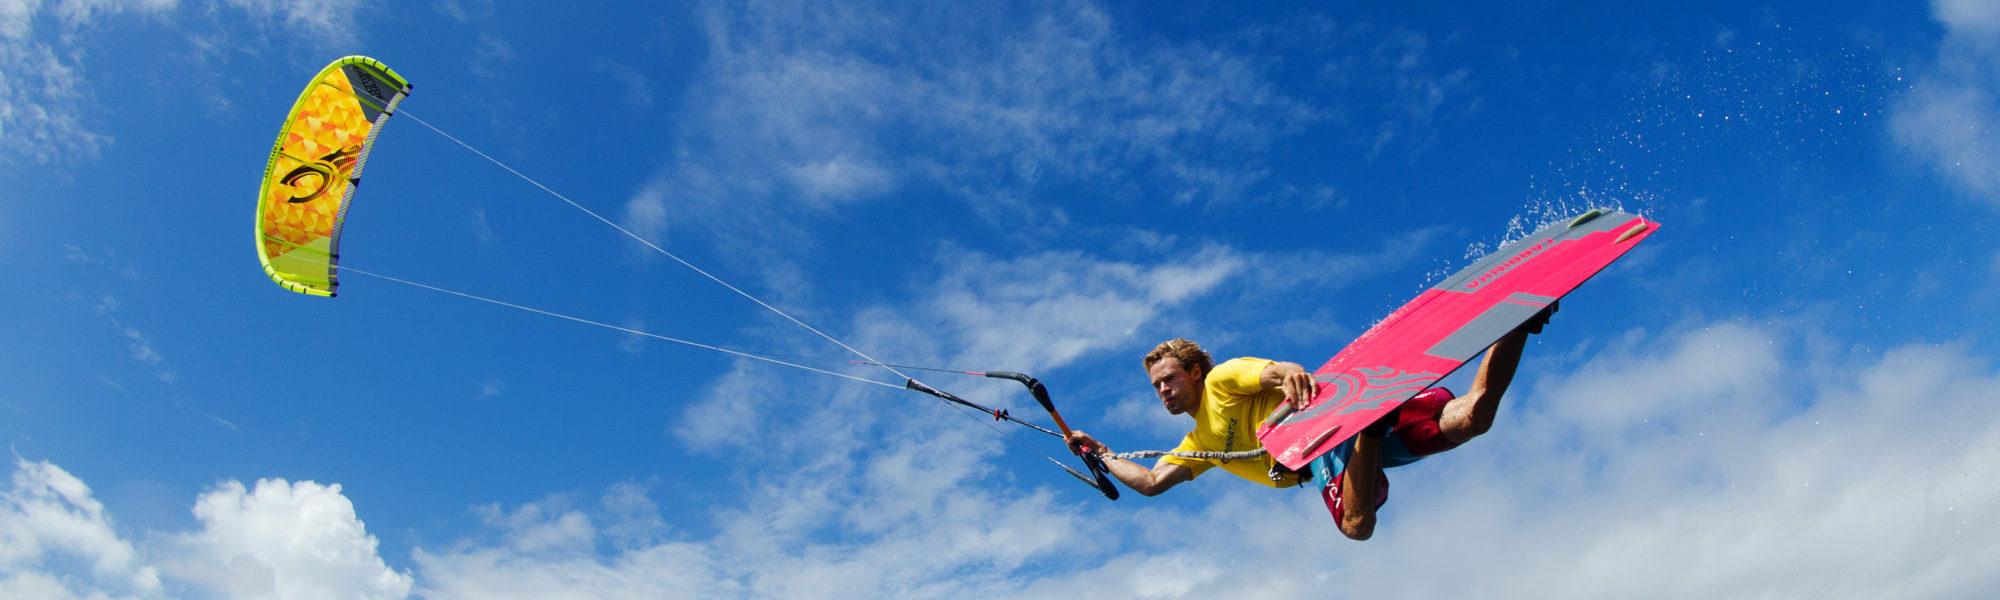 Kitesurfing Chia, Sardinia